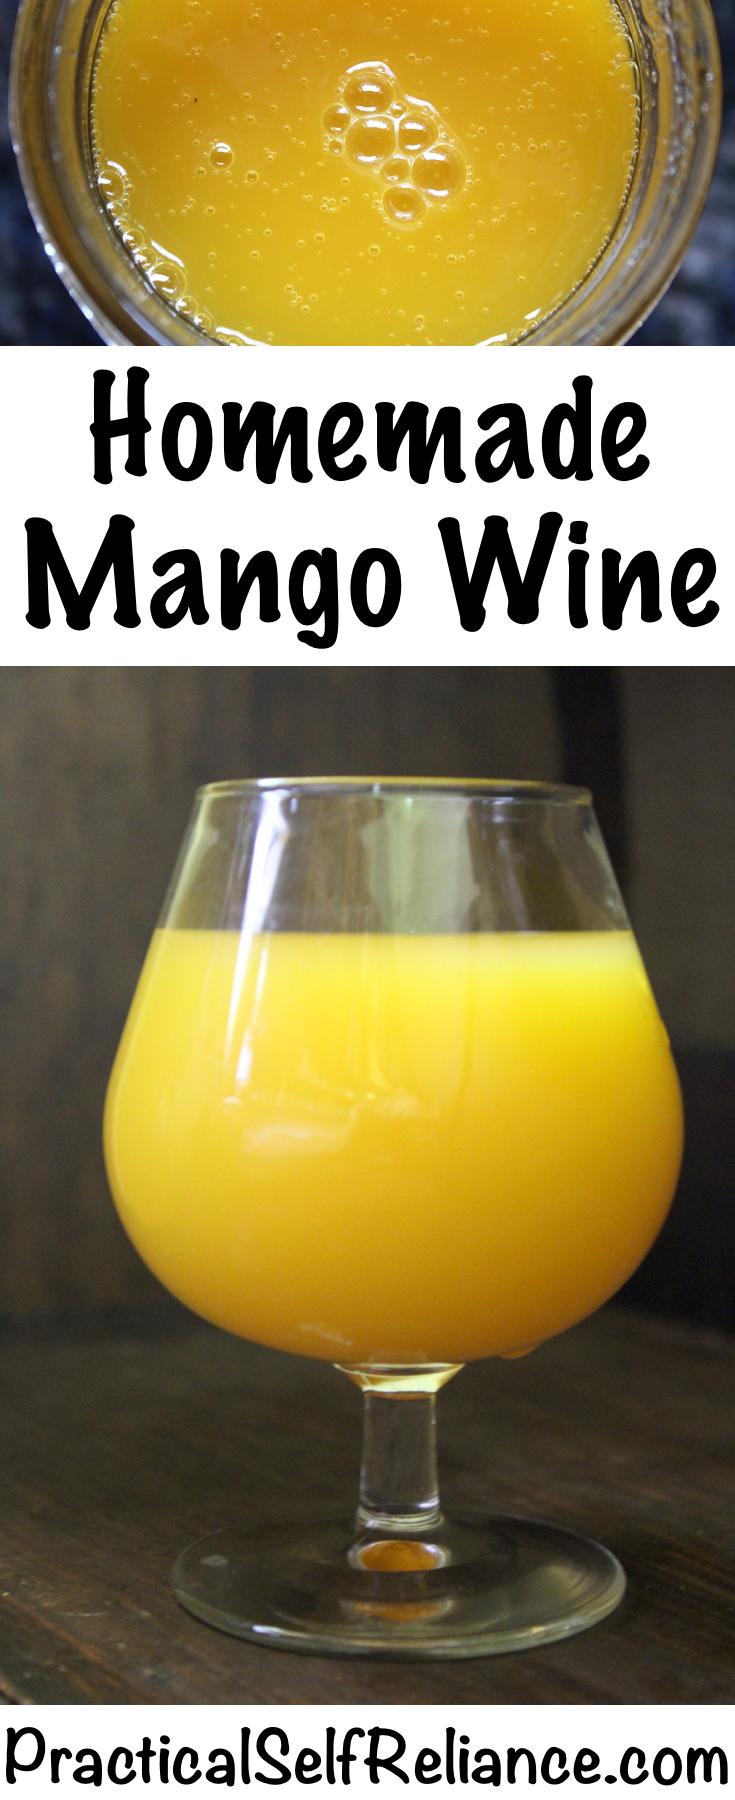 Homemade Mango Wine Recipe